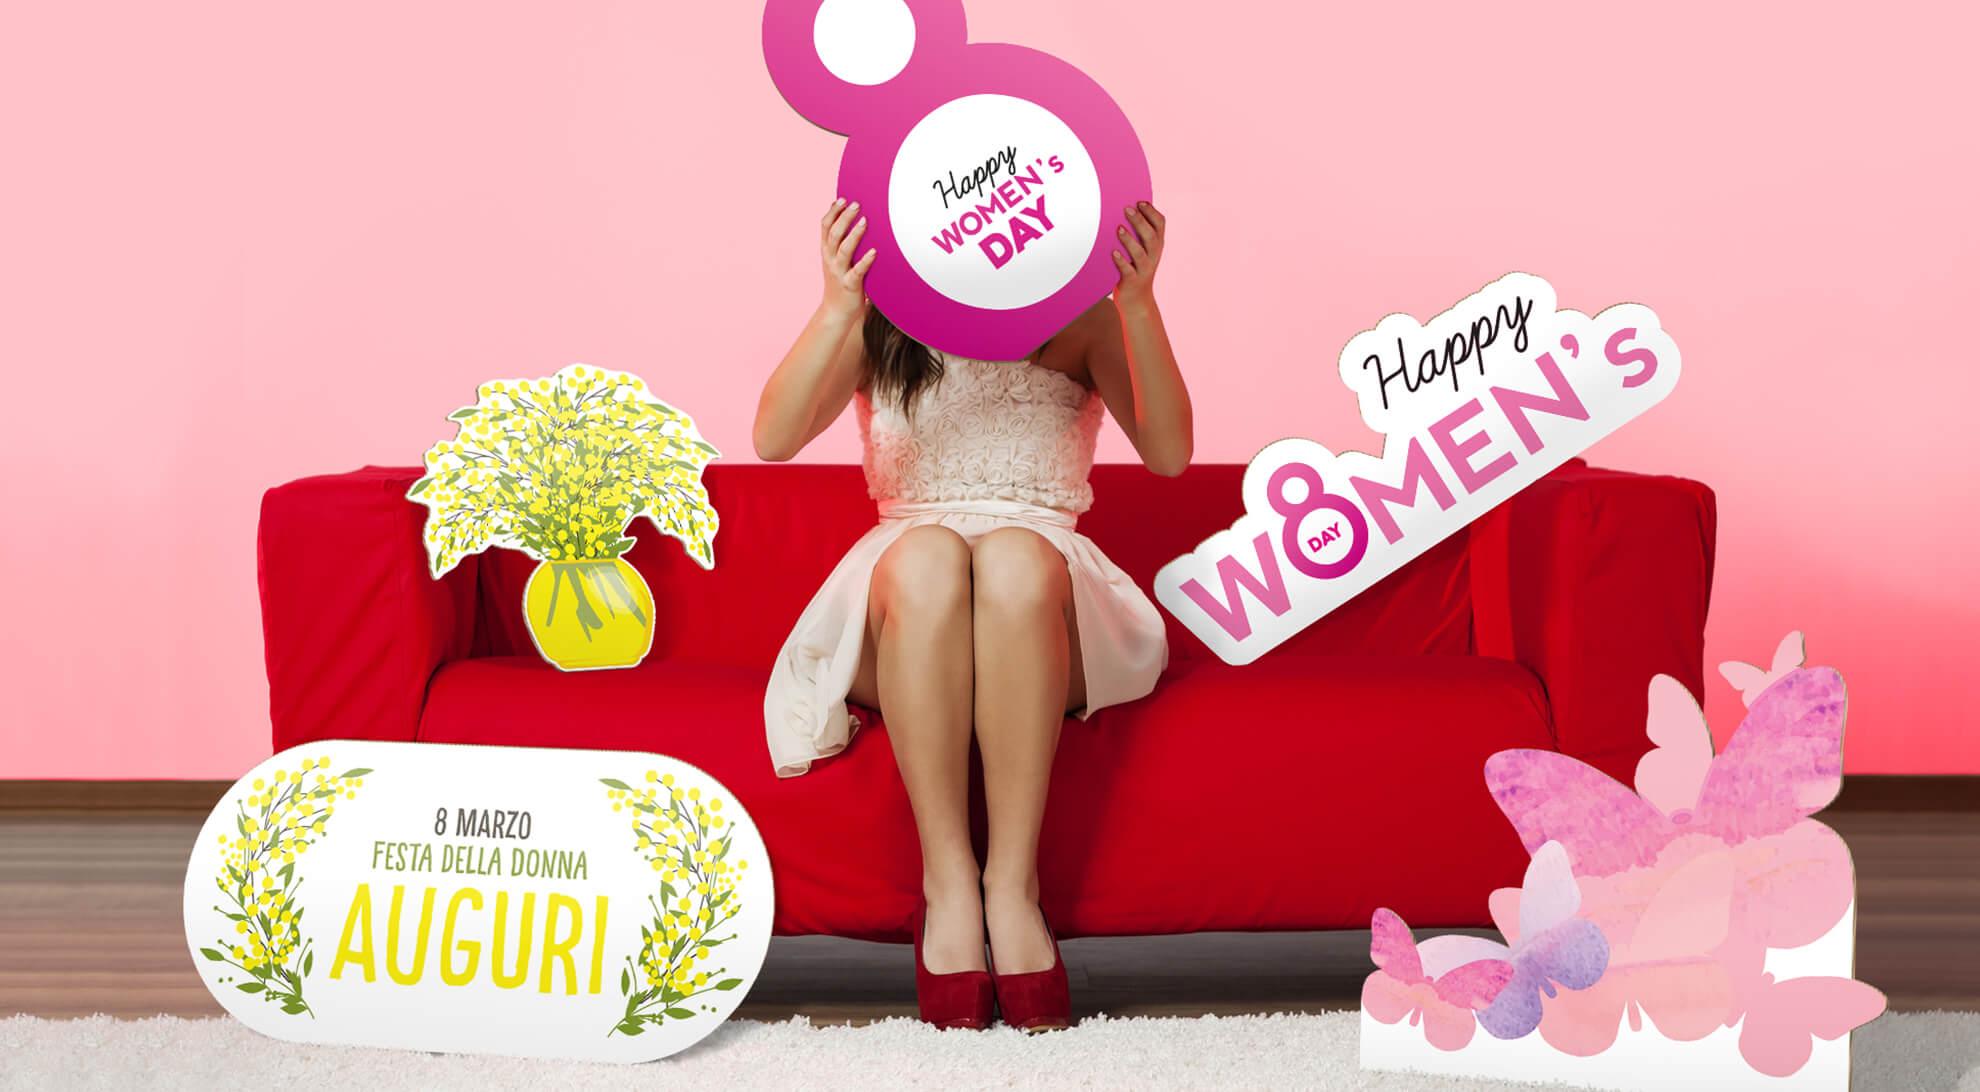 Decorazioni Festa della Donna: tutto quel che serve in negozio!